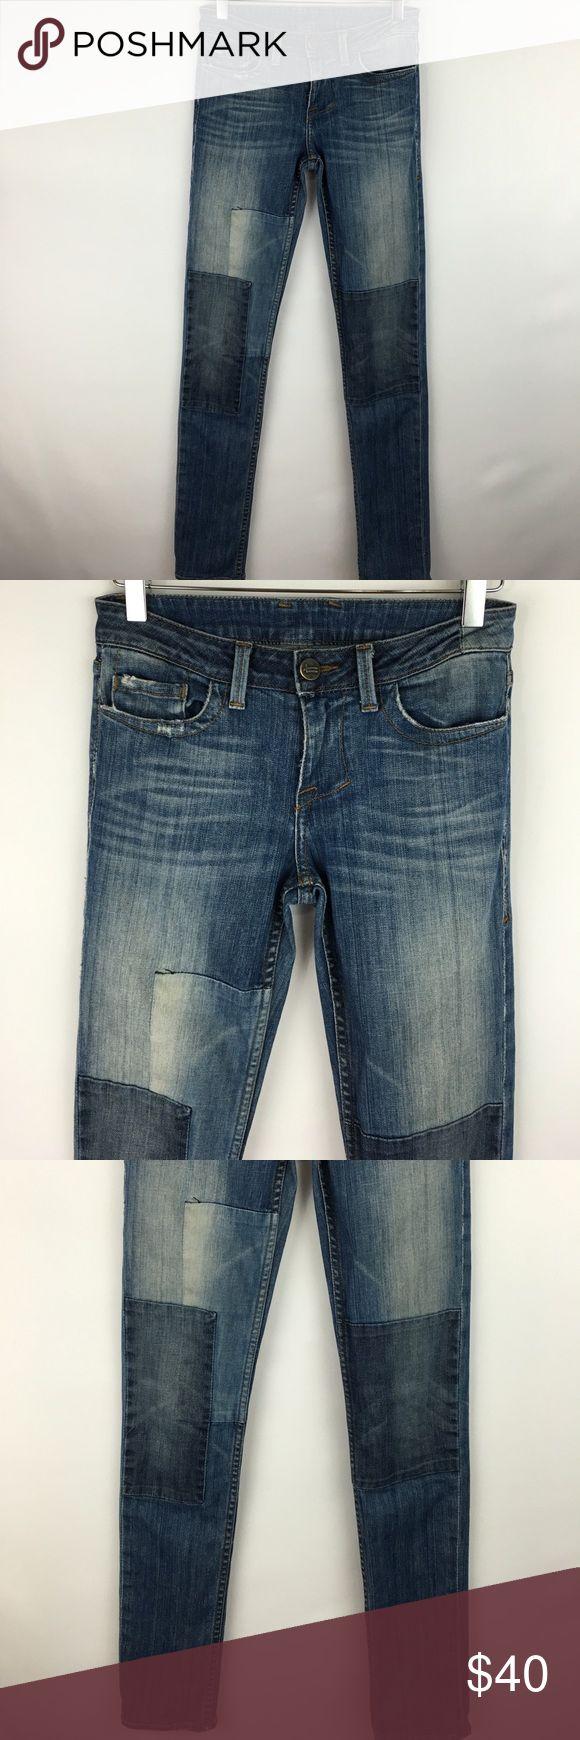 William Rast patchwork skinny jean sz 25 William Rast patchwork skinny jean sz 25. Gently worn in great condition. William Rast Jeans Skinny